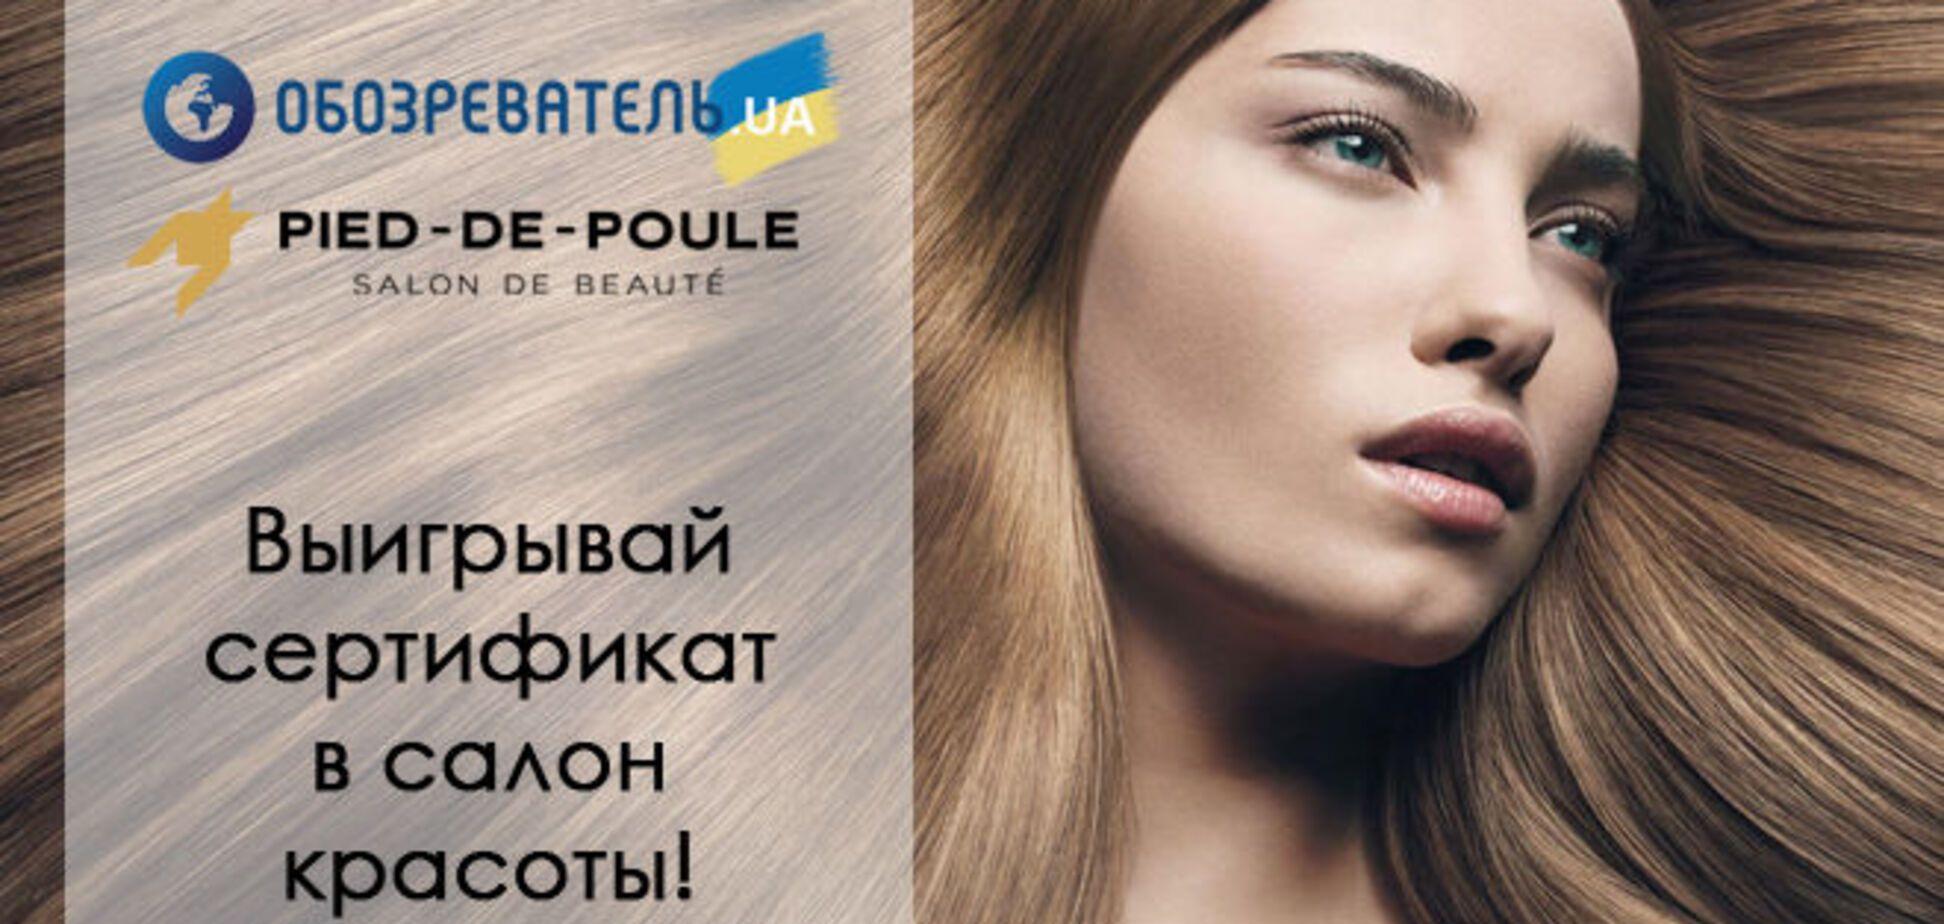 Поділися рецептом для оздоровлення волосся і виграй сертифікат в салон краси!